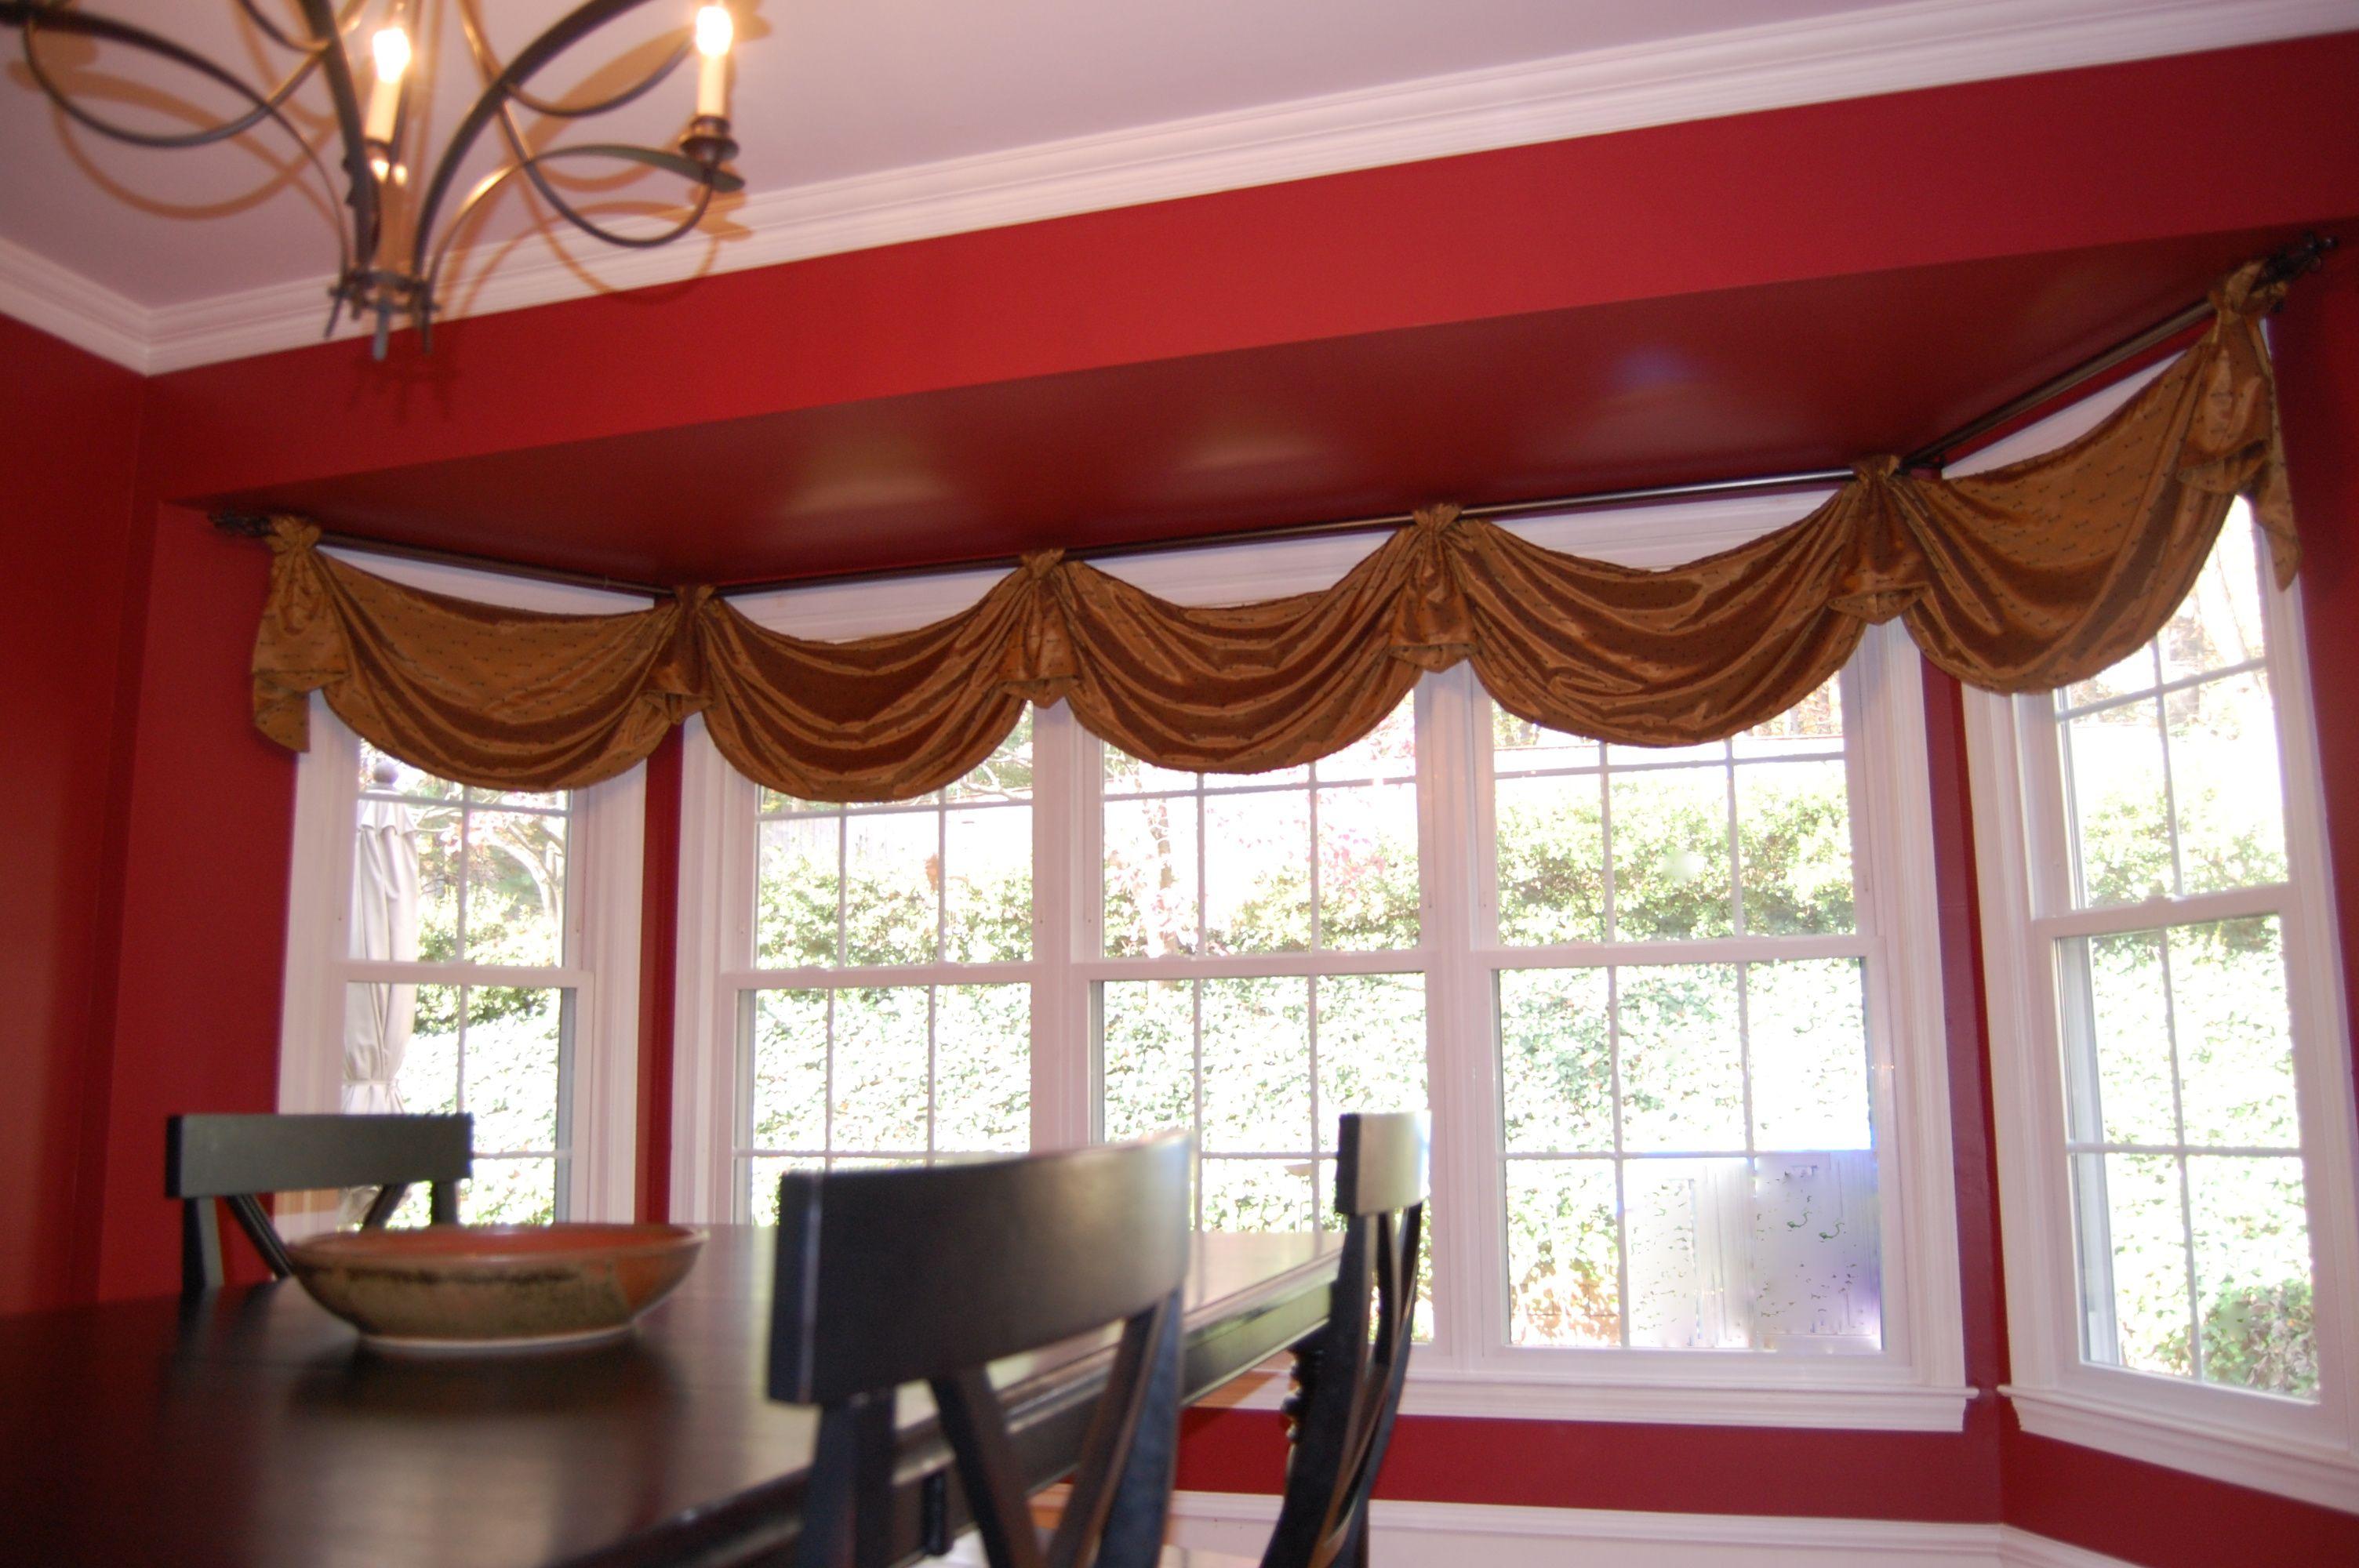 Window treatment ideas bow window treatment ideas for Blinds for bow windows ideas